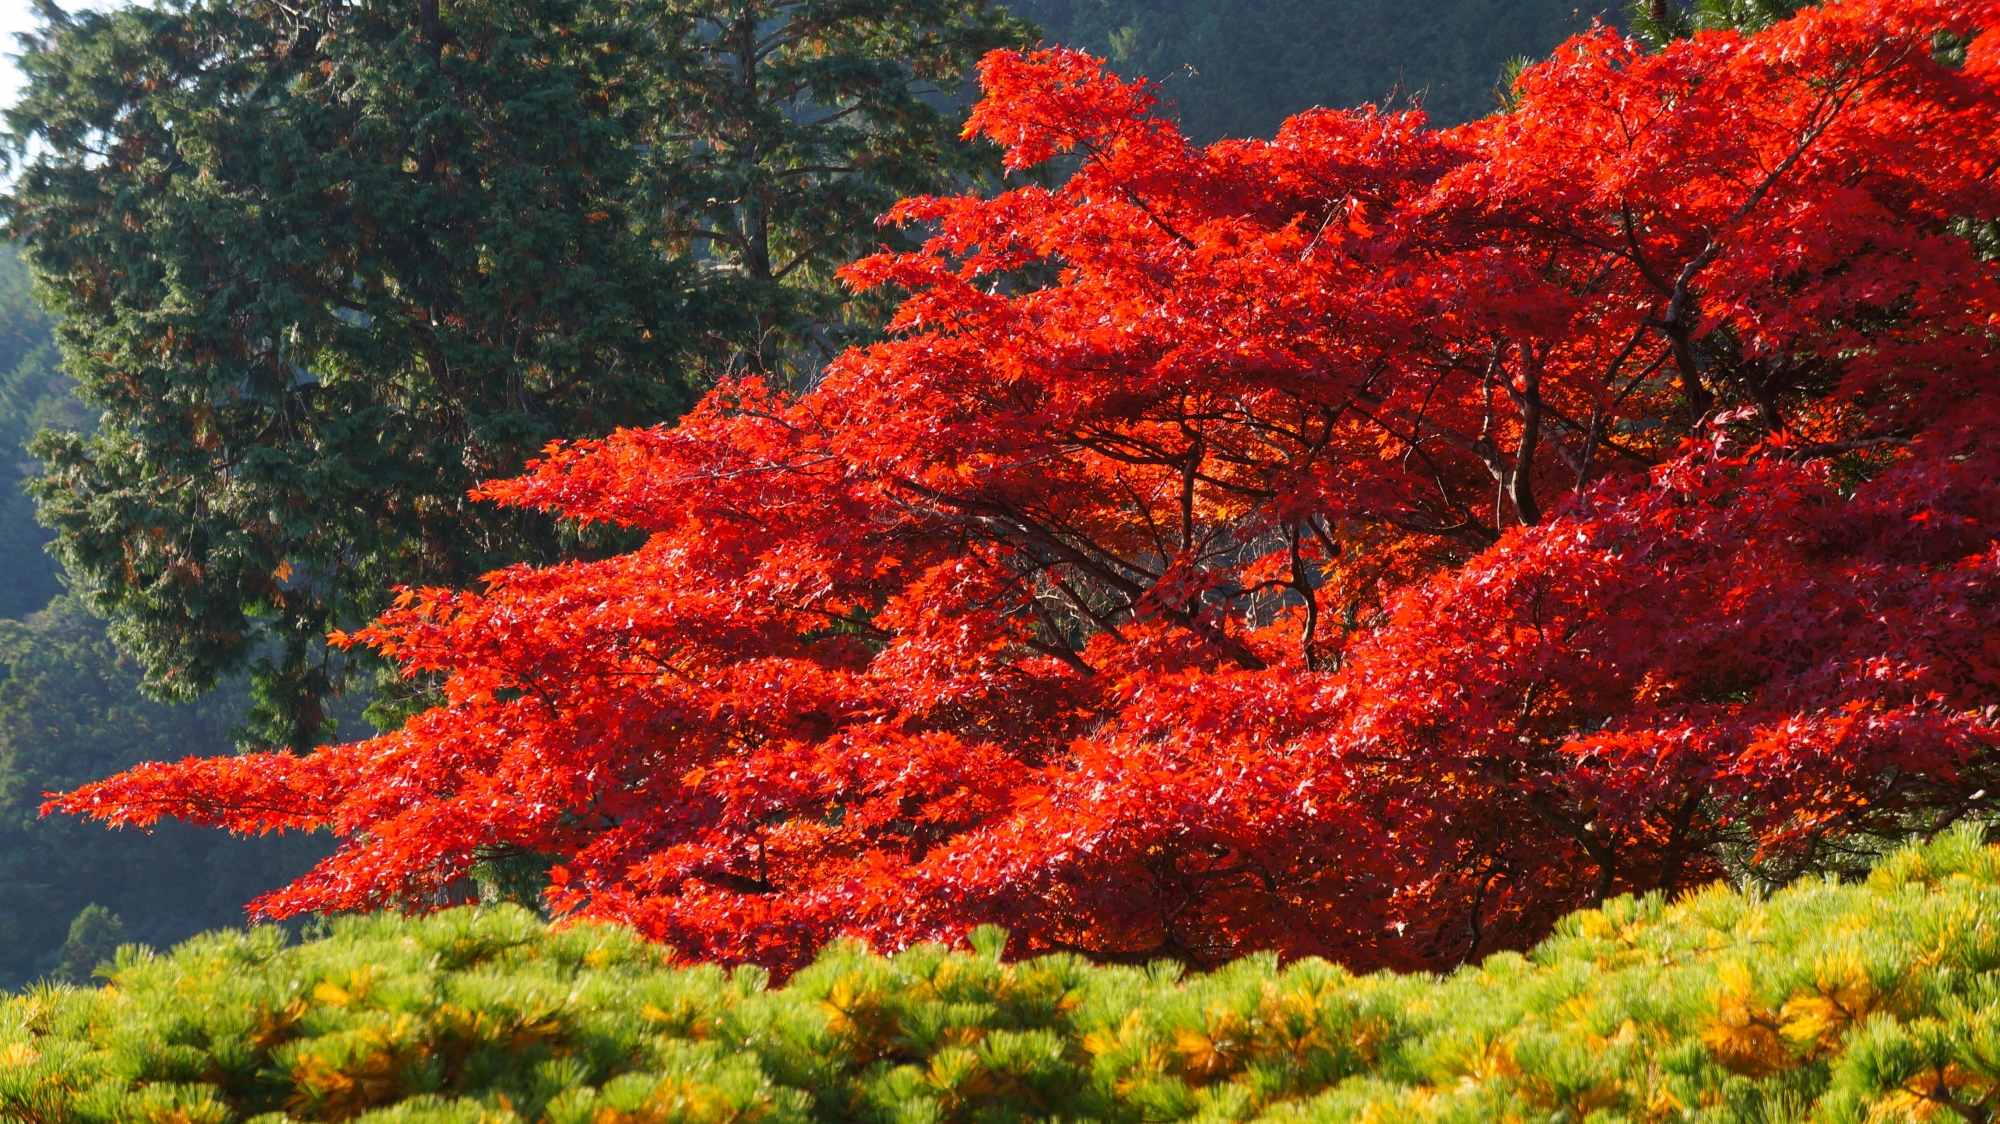 善峯寺の遊龍の松と燃えるような赤い紅葉